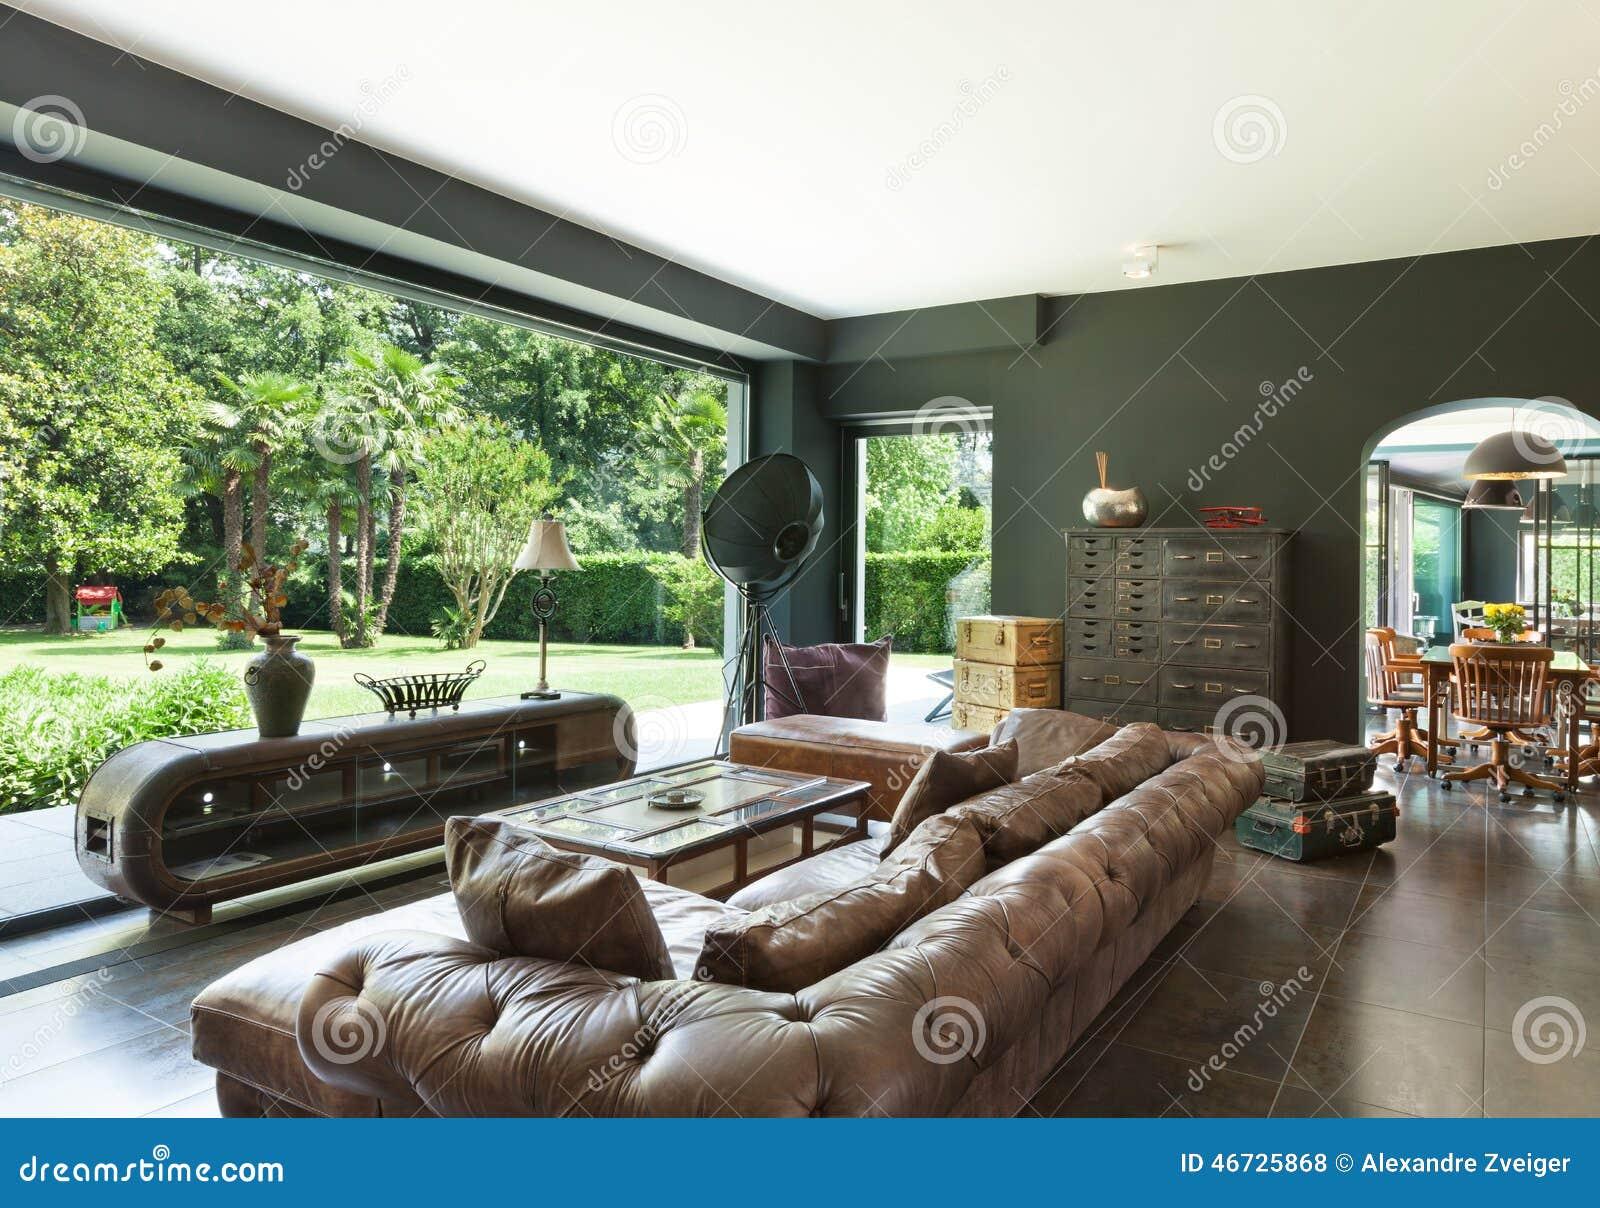 Schones Wohnzimmer Stockfoto Bild Von Garten Leder 46725868